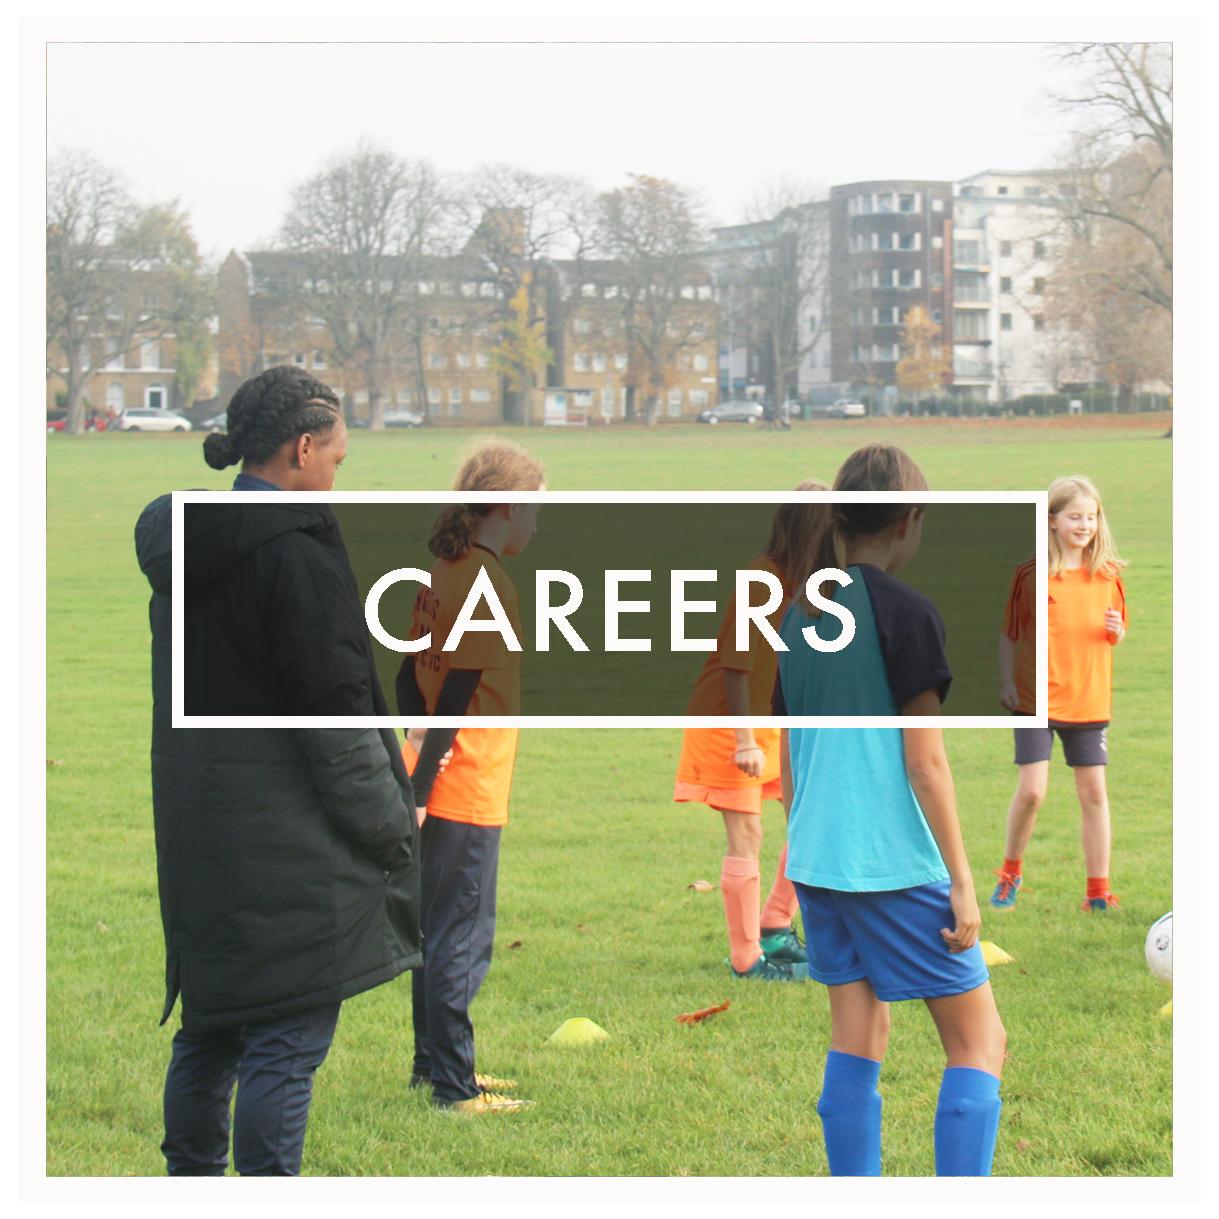 Descubre las oportunidades para trabajar con el equipo en crecimiento de Girls United's , con oportunidades alrededor del mundo.